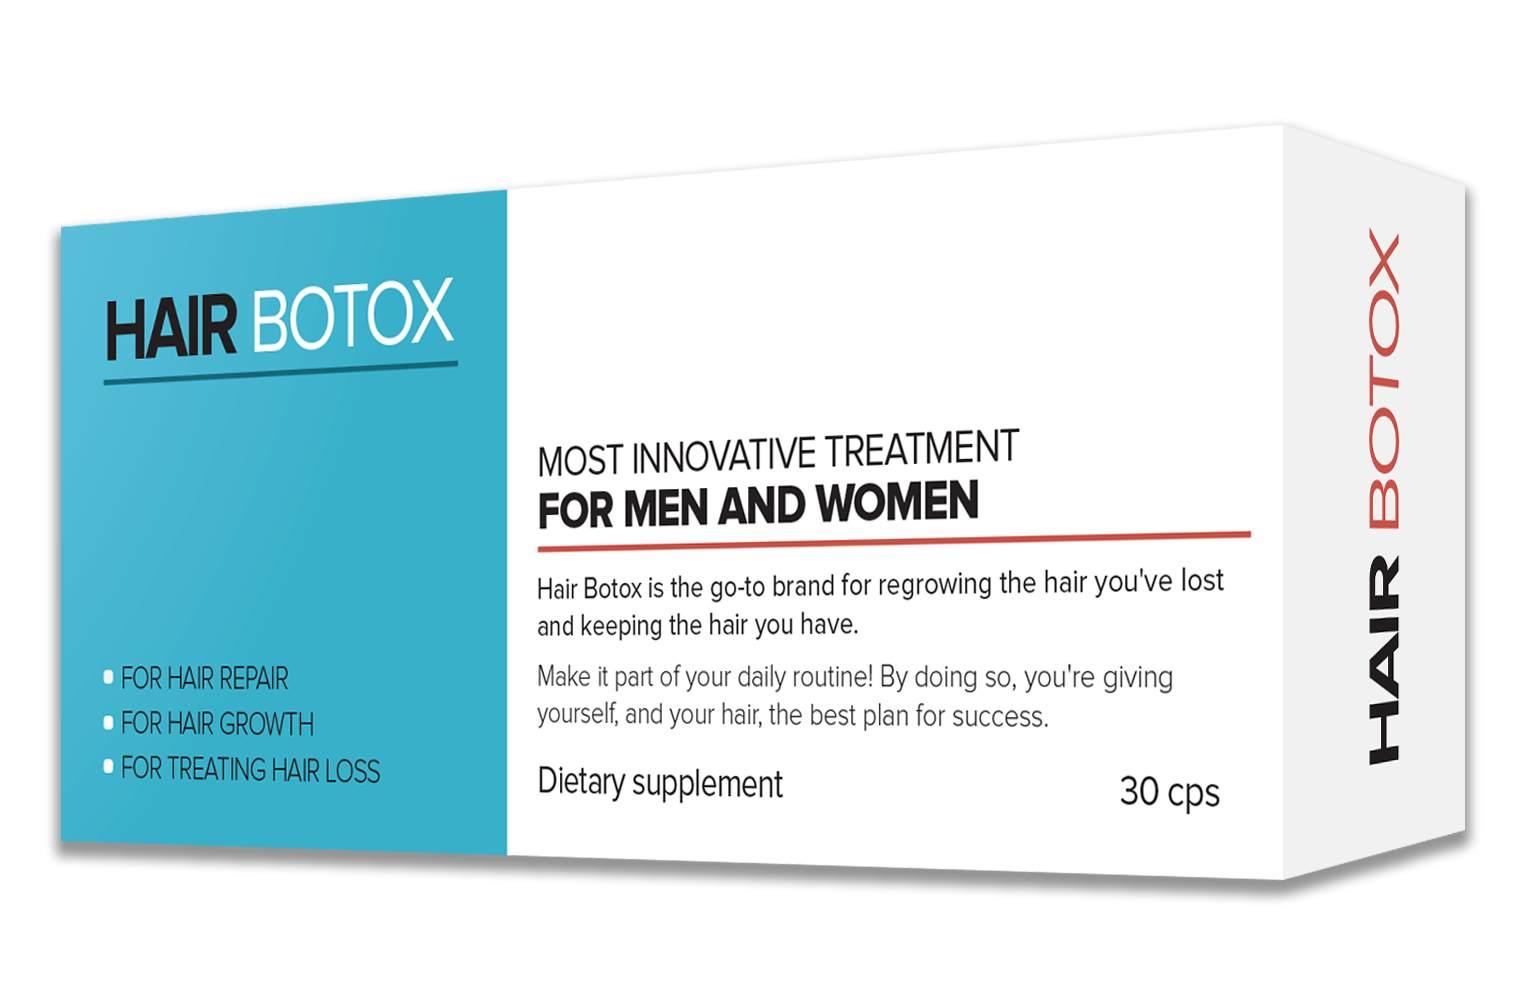 Tratamentul Hair Botox